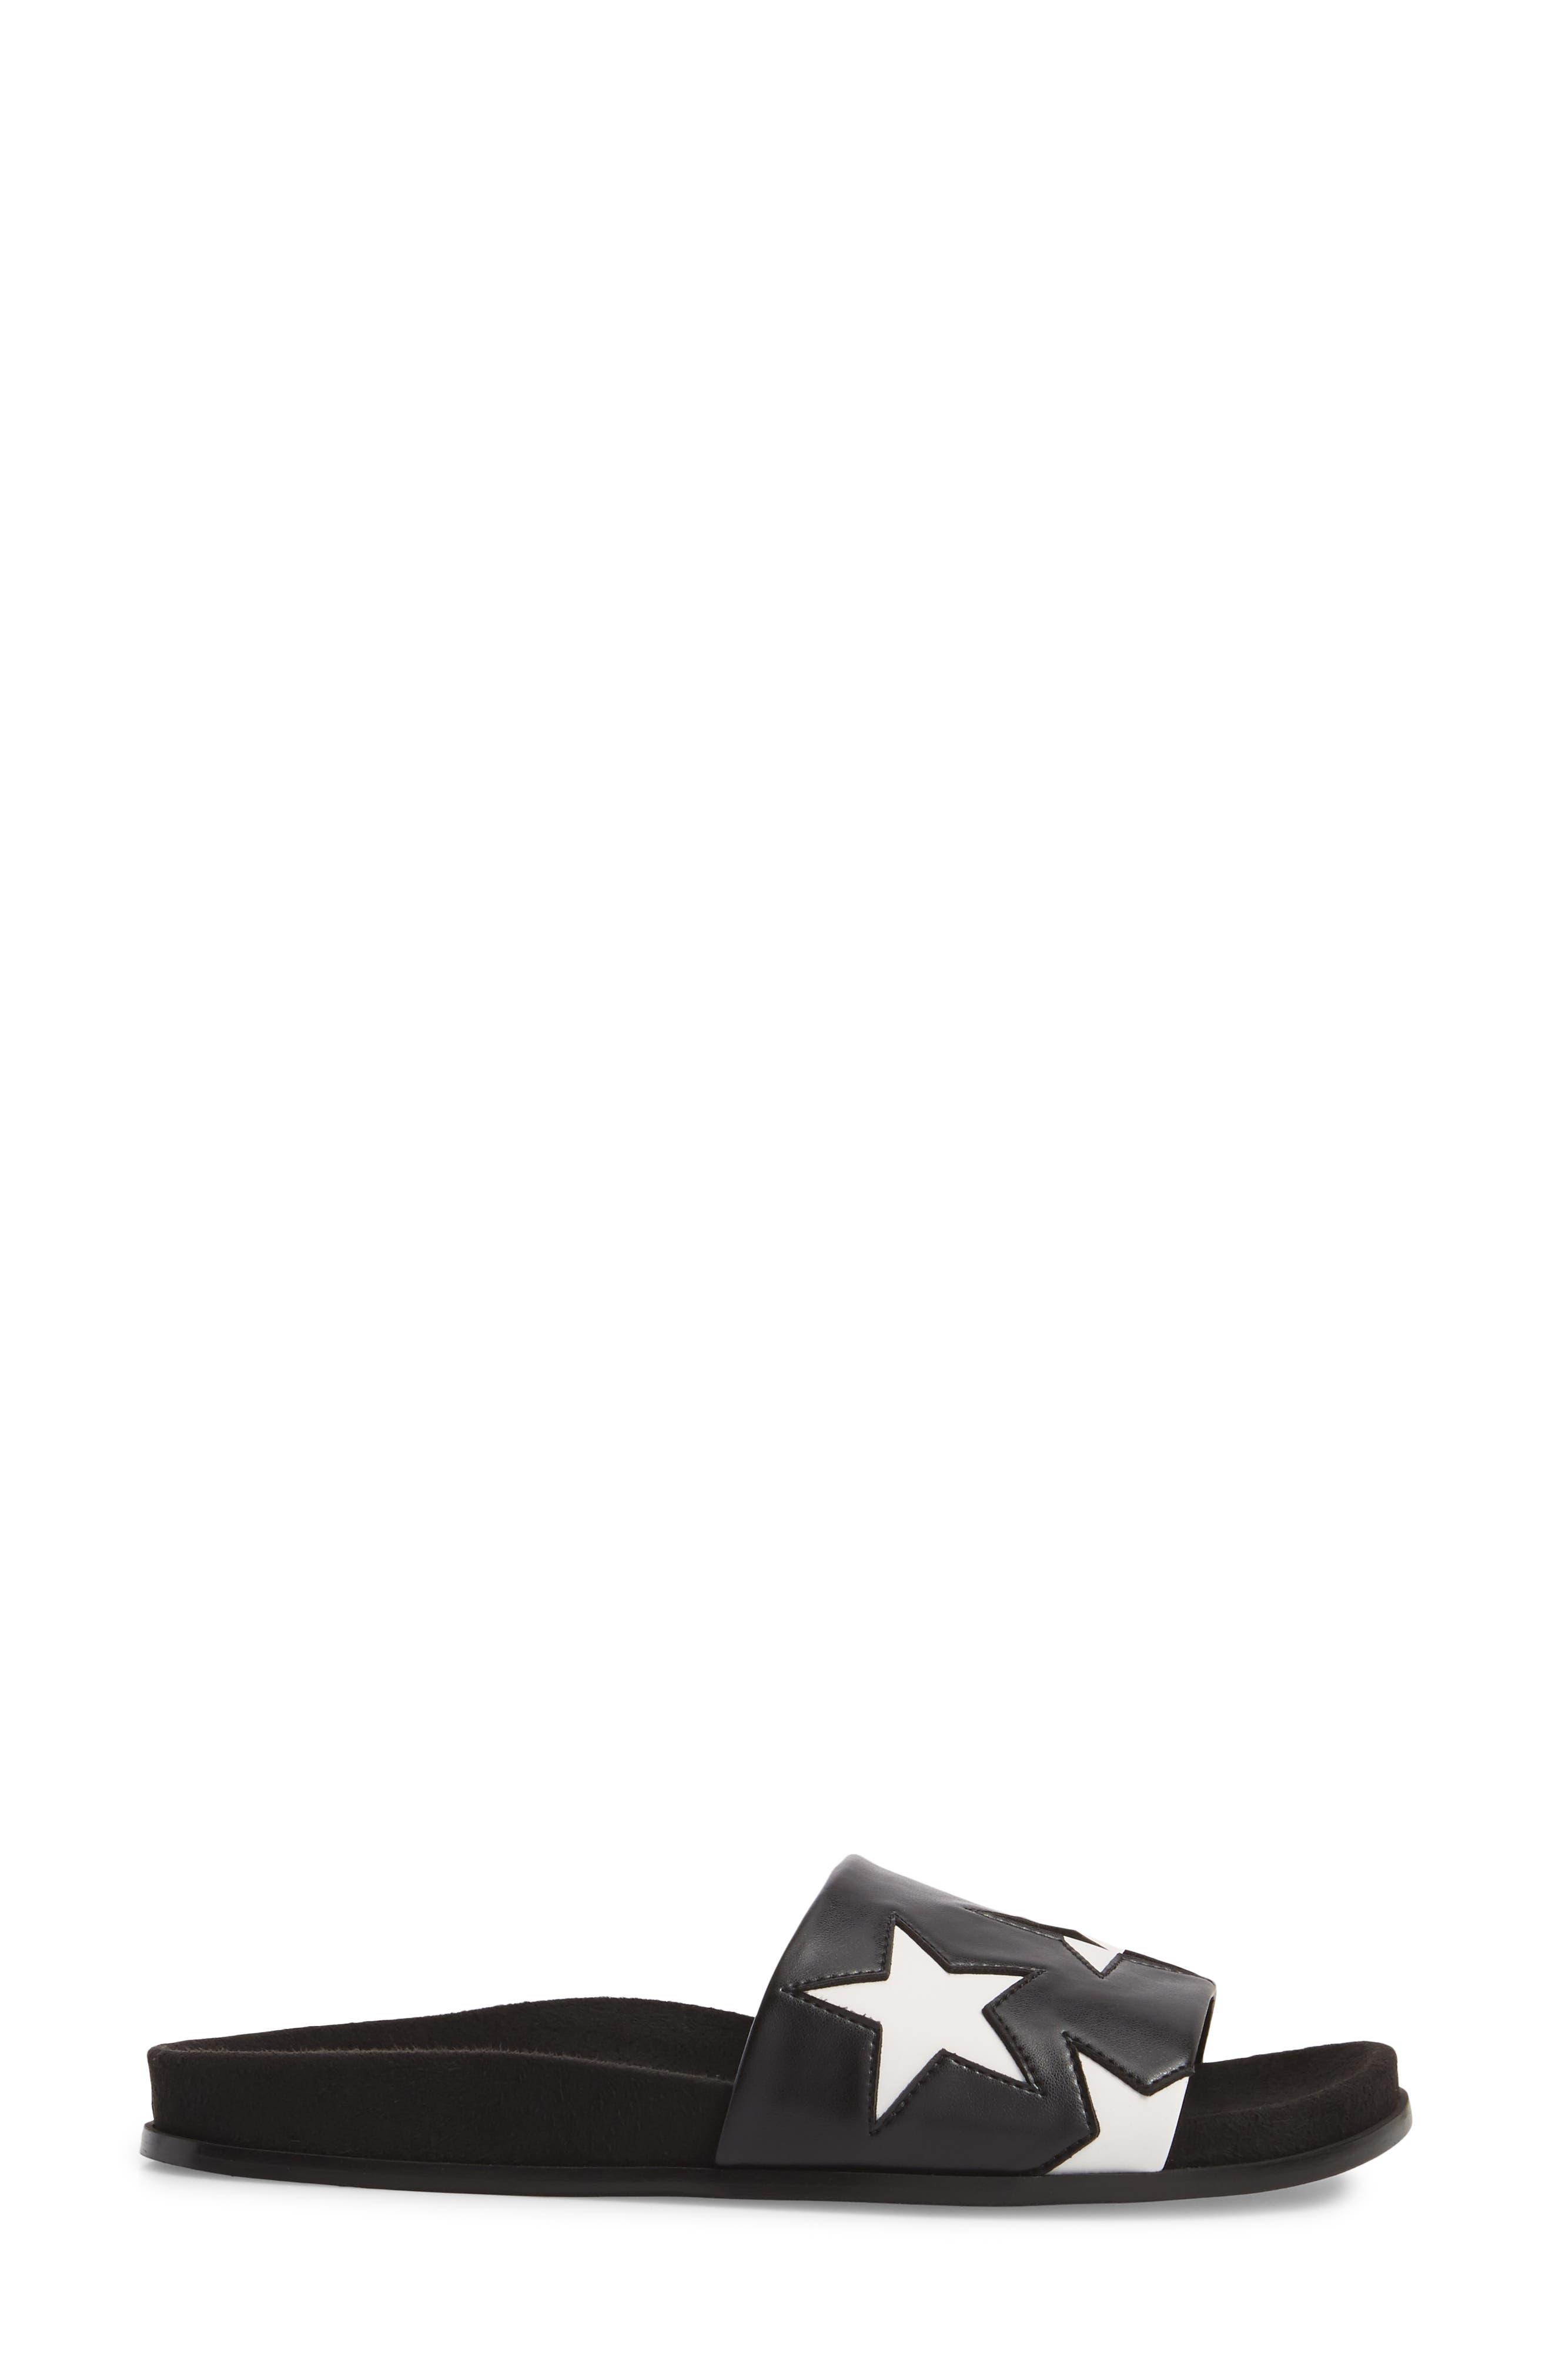 Star Slide Sandal,                             Alternate thumbnail 3, color,                             001